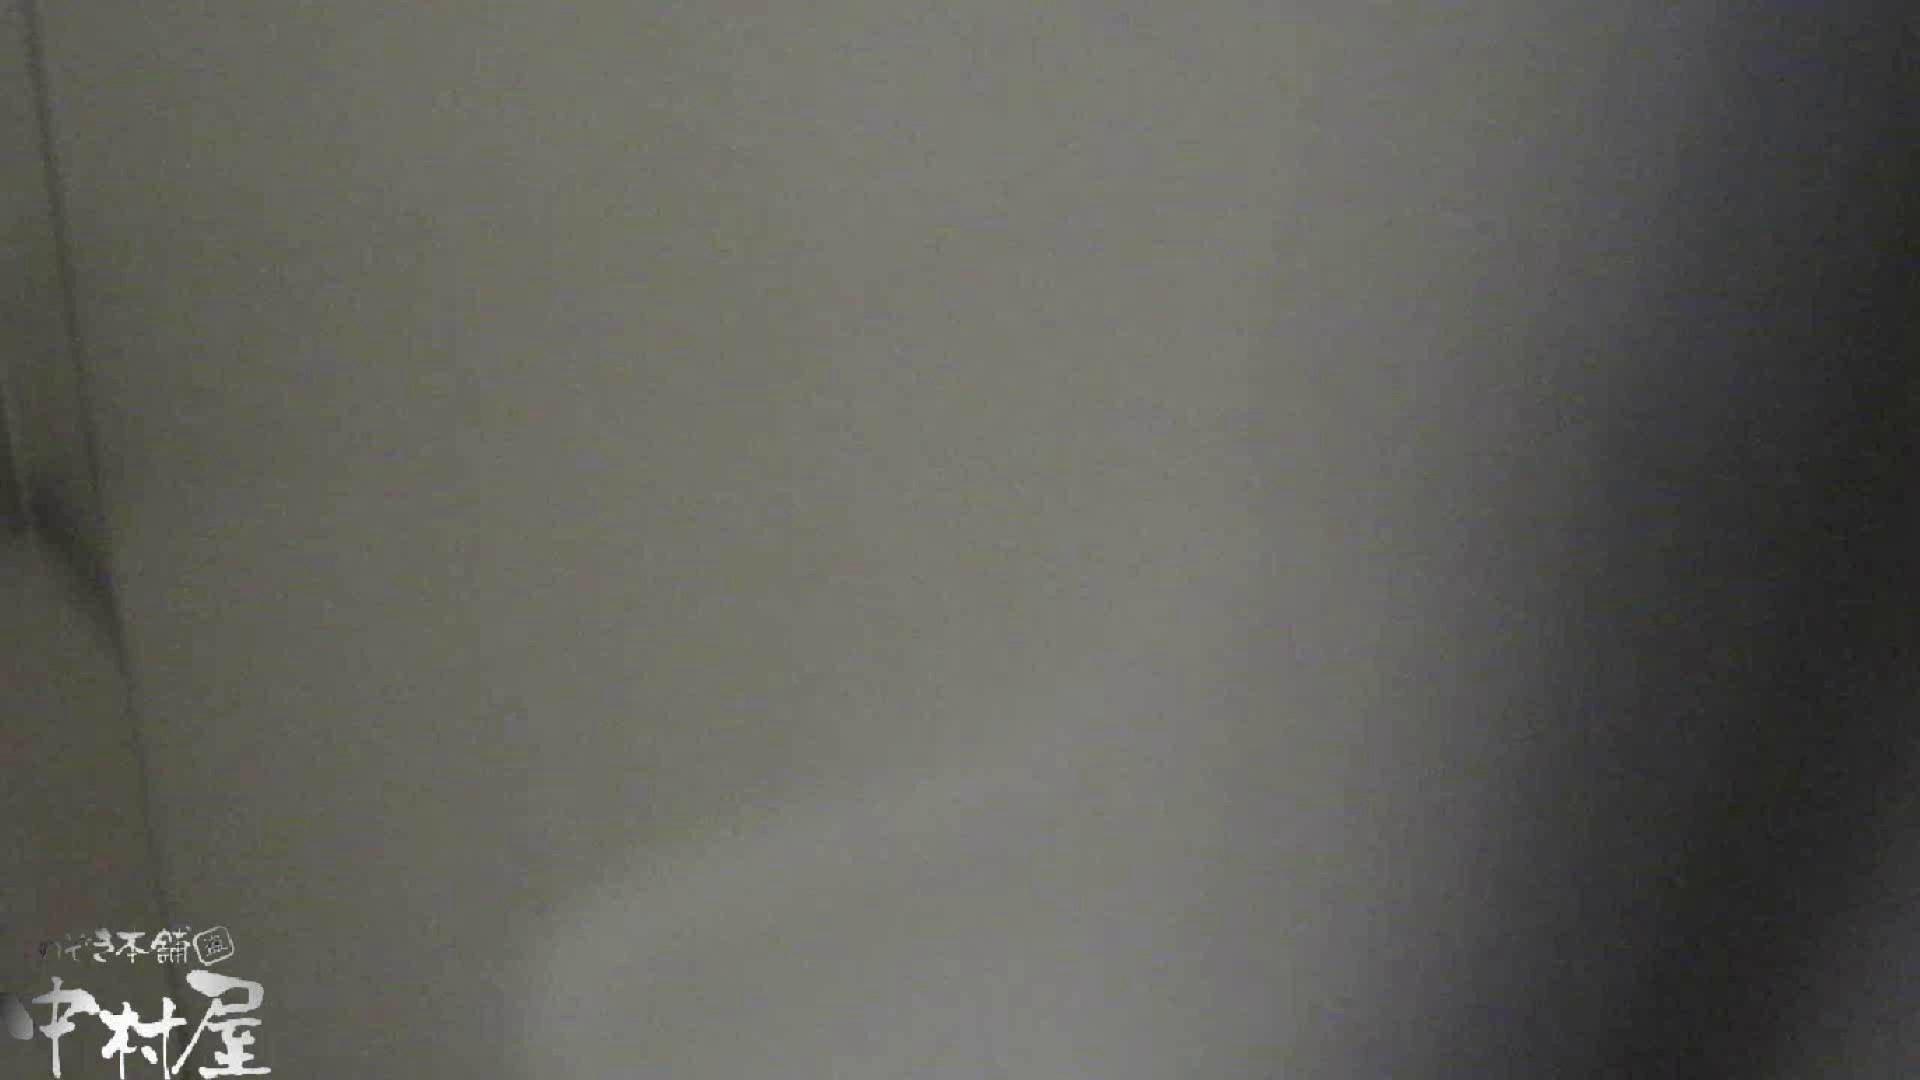 魂のかわや盗撮62連発! 三方向から黄金水噴射! 18発目! 盗撮師作品  92pic 10